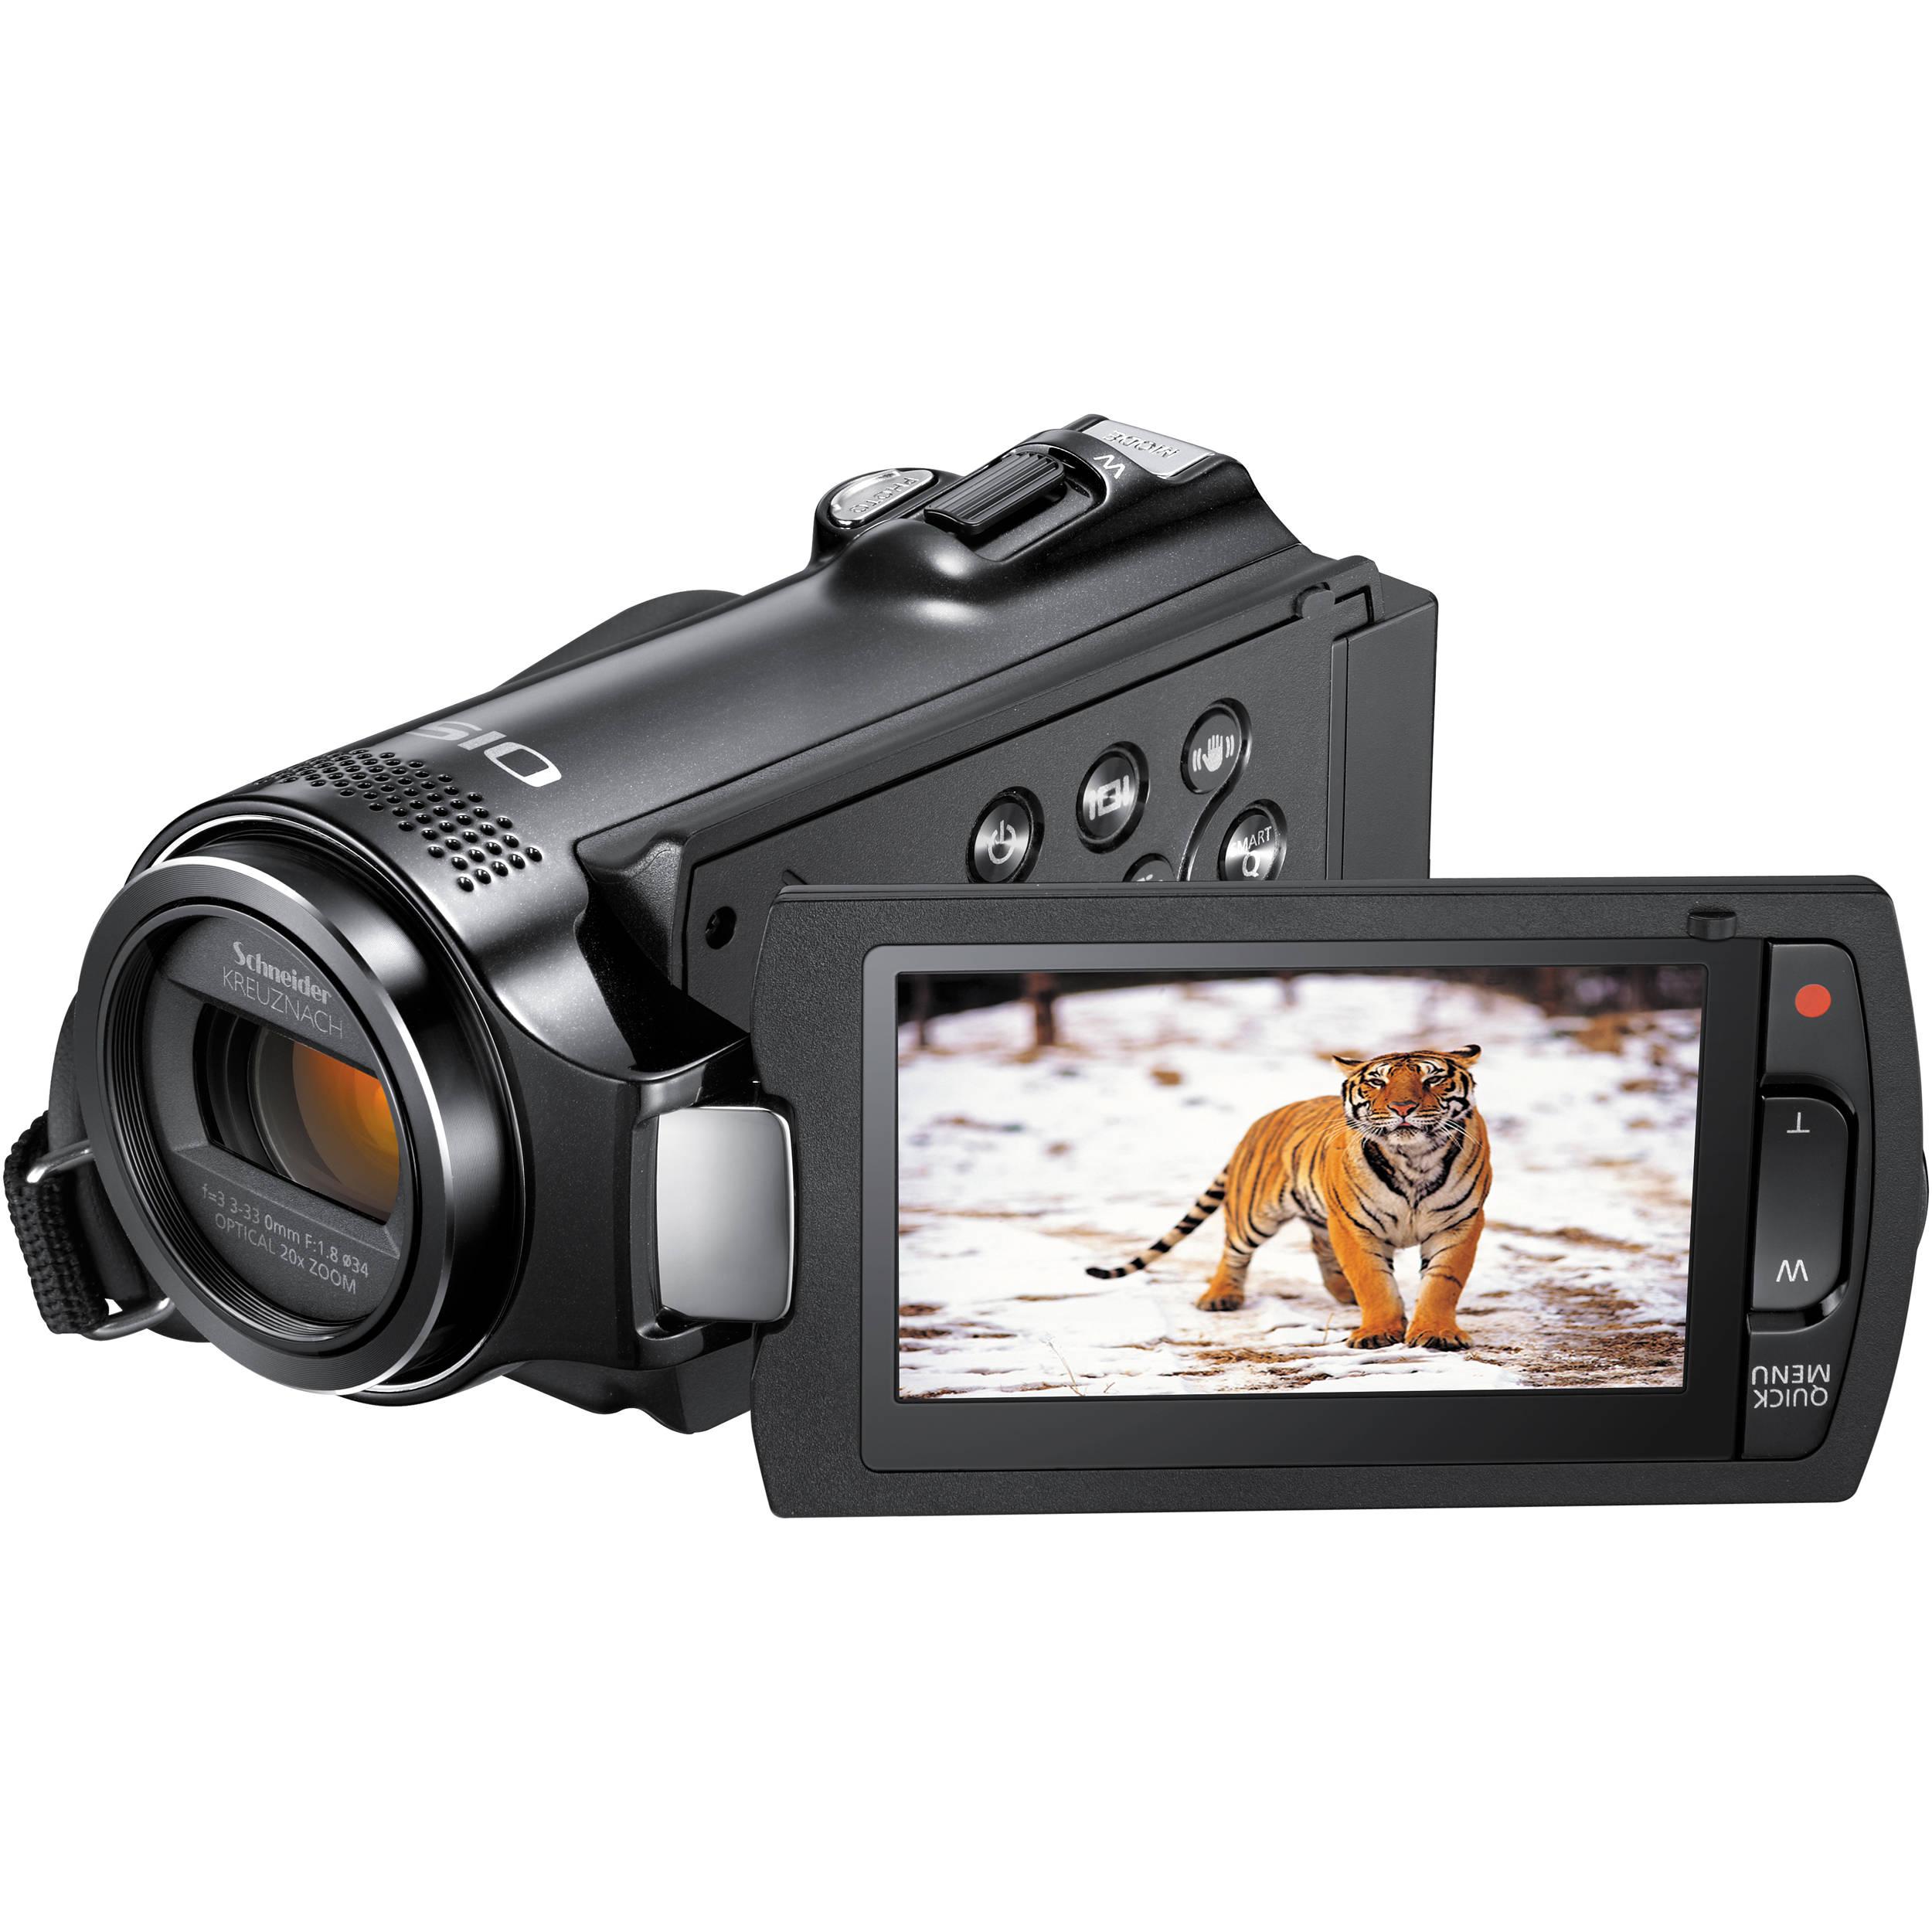 Samsung Hmx H204bn Full Hd Camcorder Hmx H204bn Xaa B H Photo